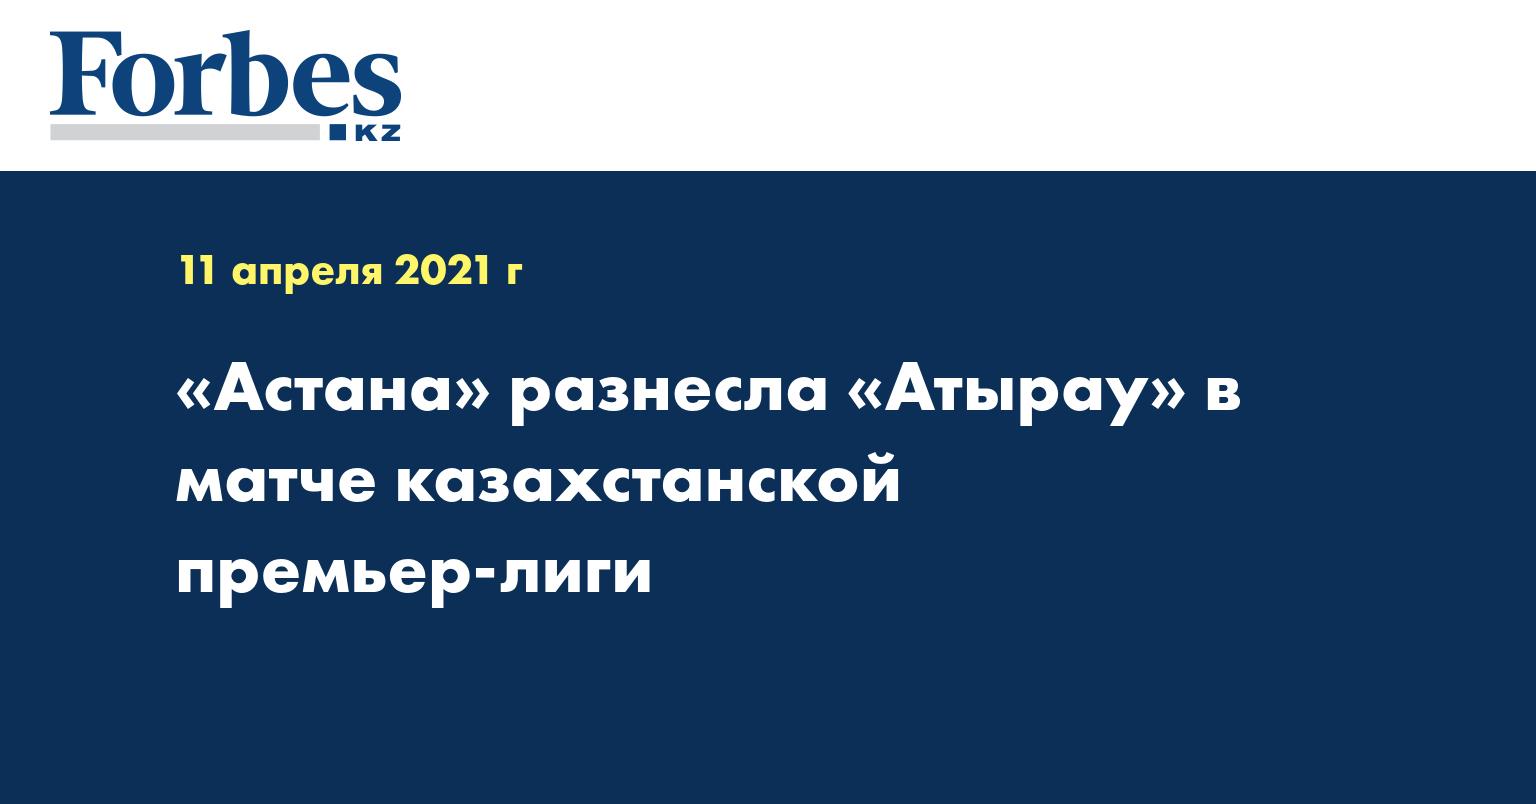 «Астана» разнесла «Атырау» в матче казахстанской премьер-лиги